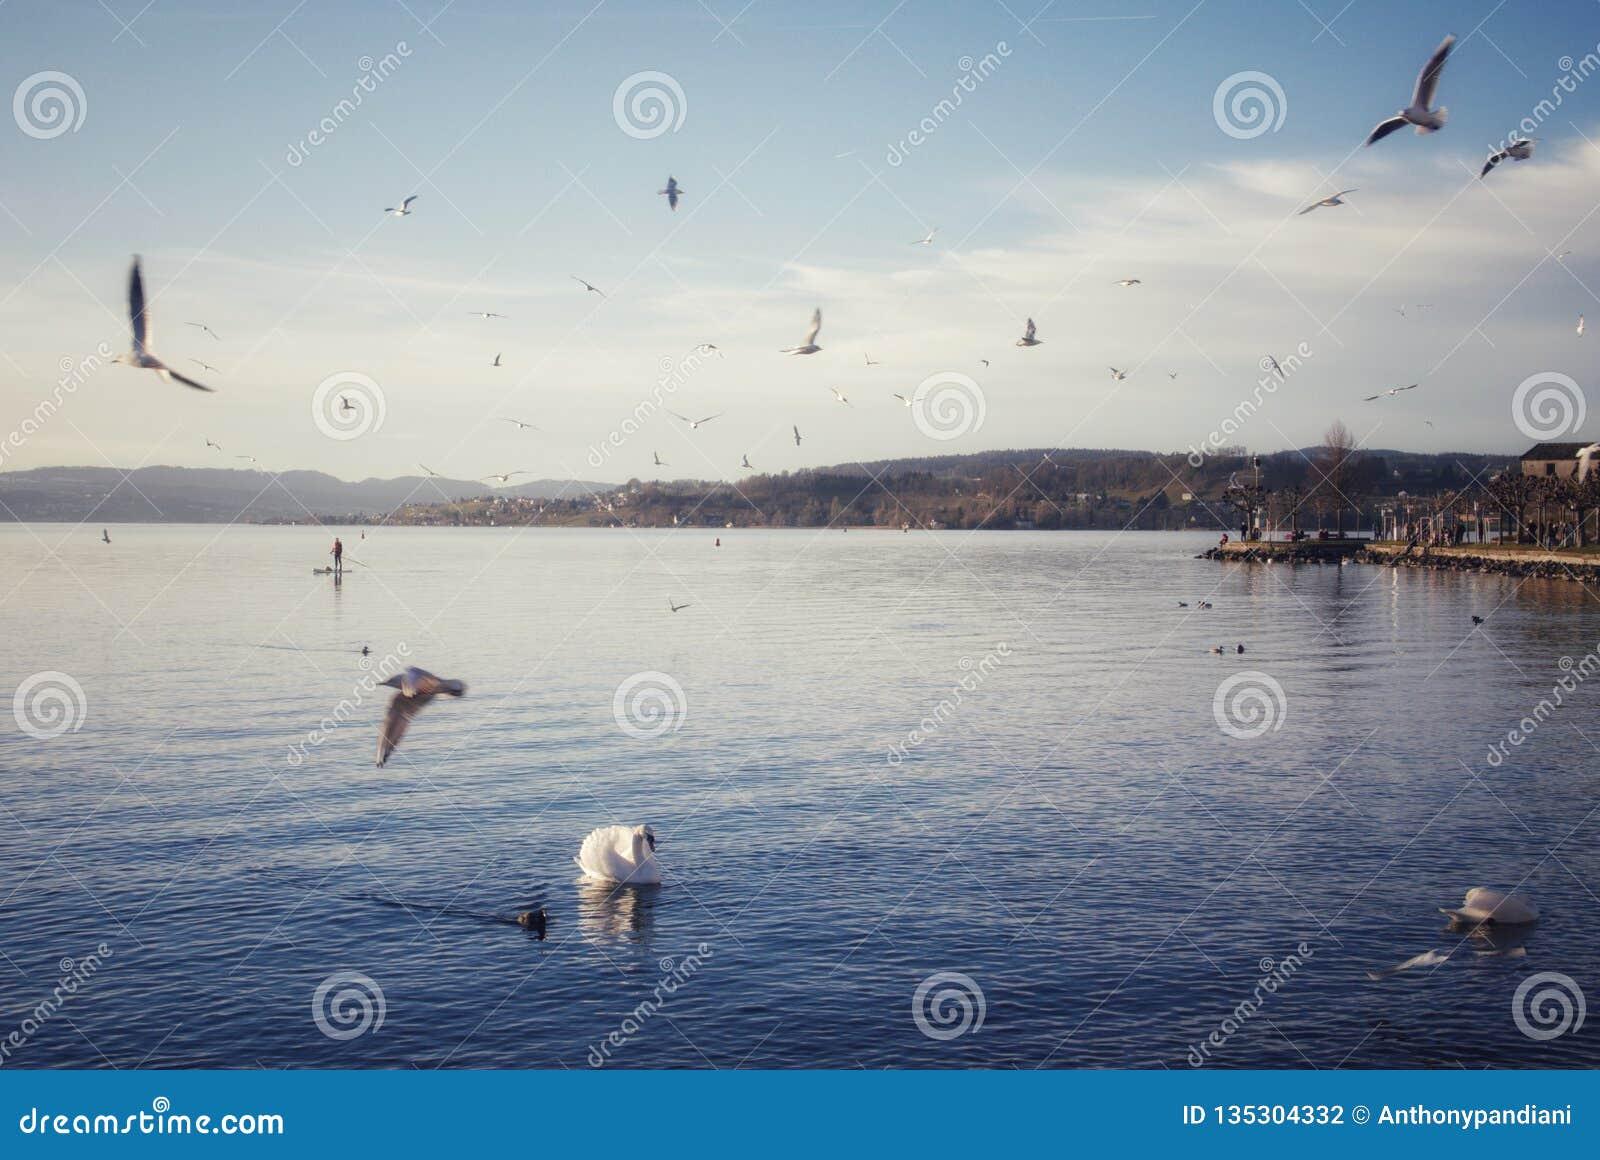 Idyllische Landschaft mit Wasservögeln am See in Rapperswil die Schweiz